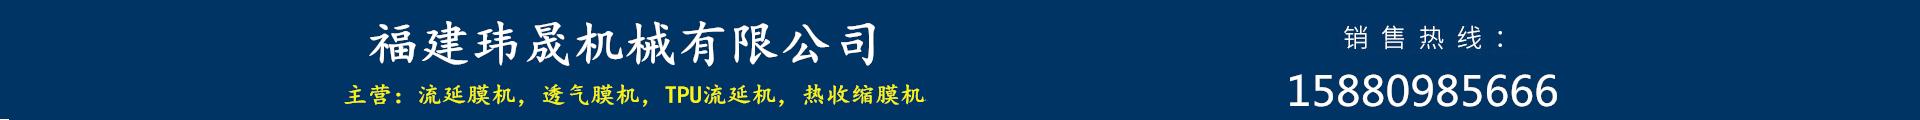 福建玮晟机械有限公司